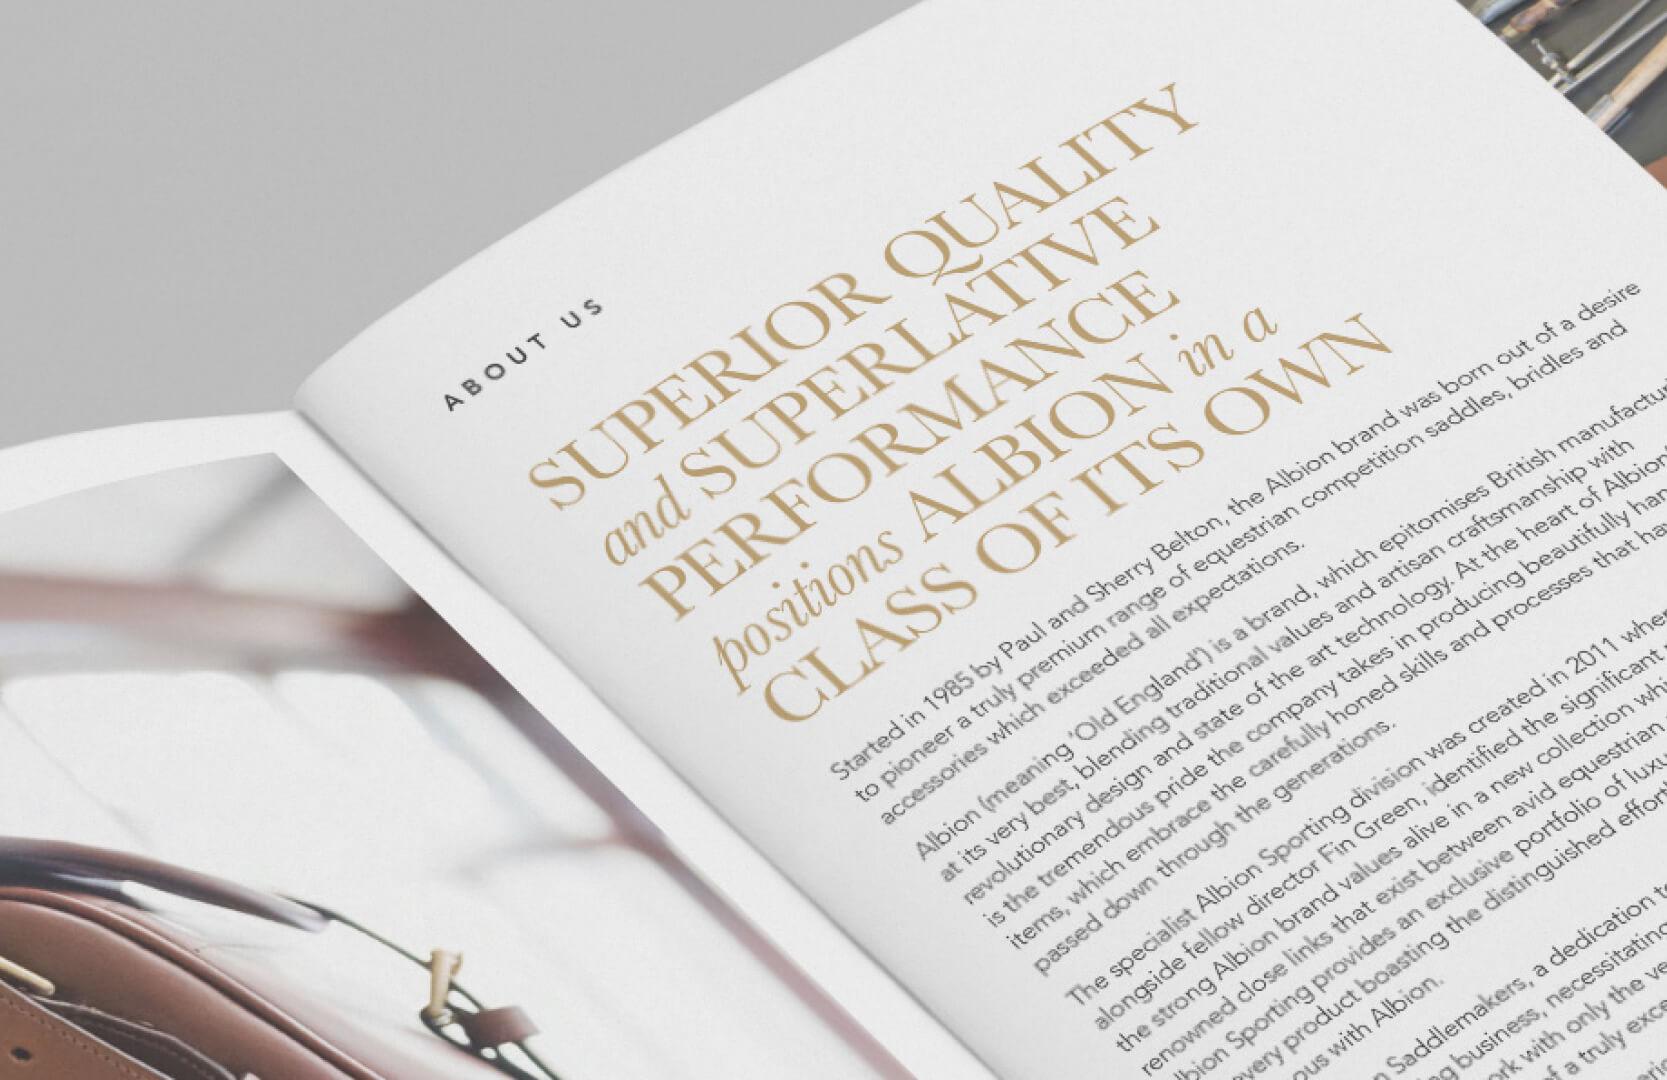 Branding, brochure design, logo modernisation, packaging, textile design, walsall west midlands